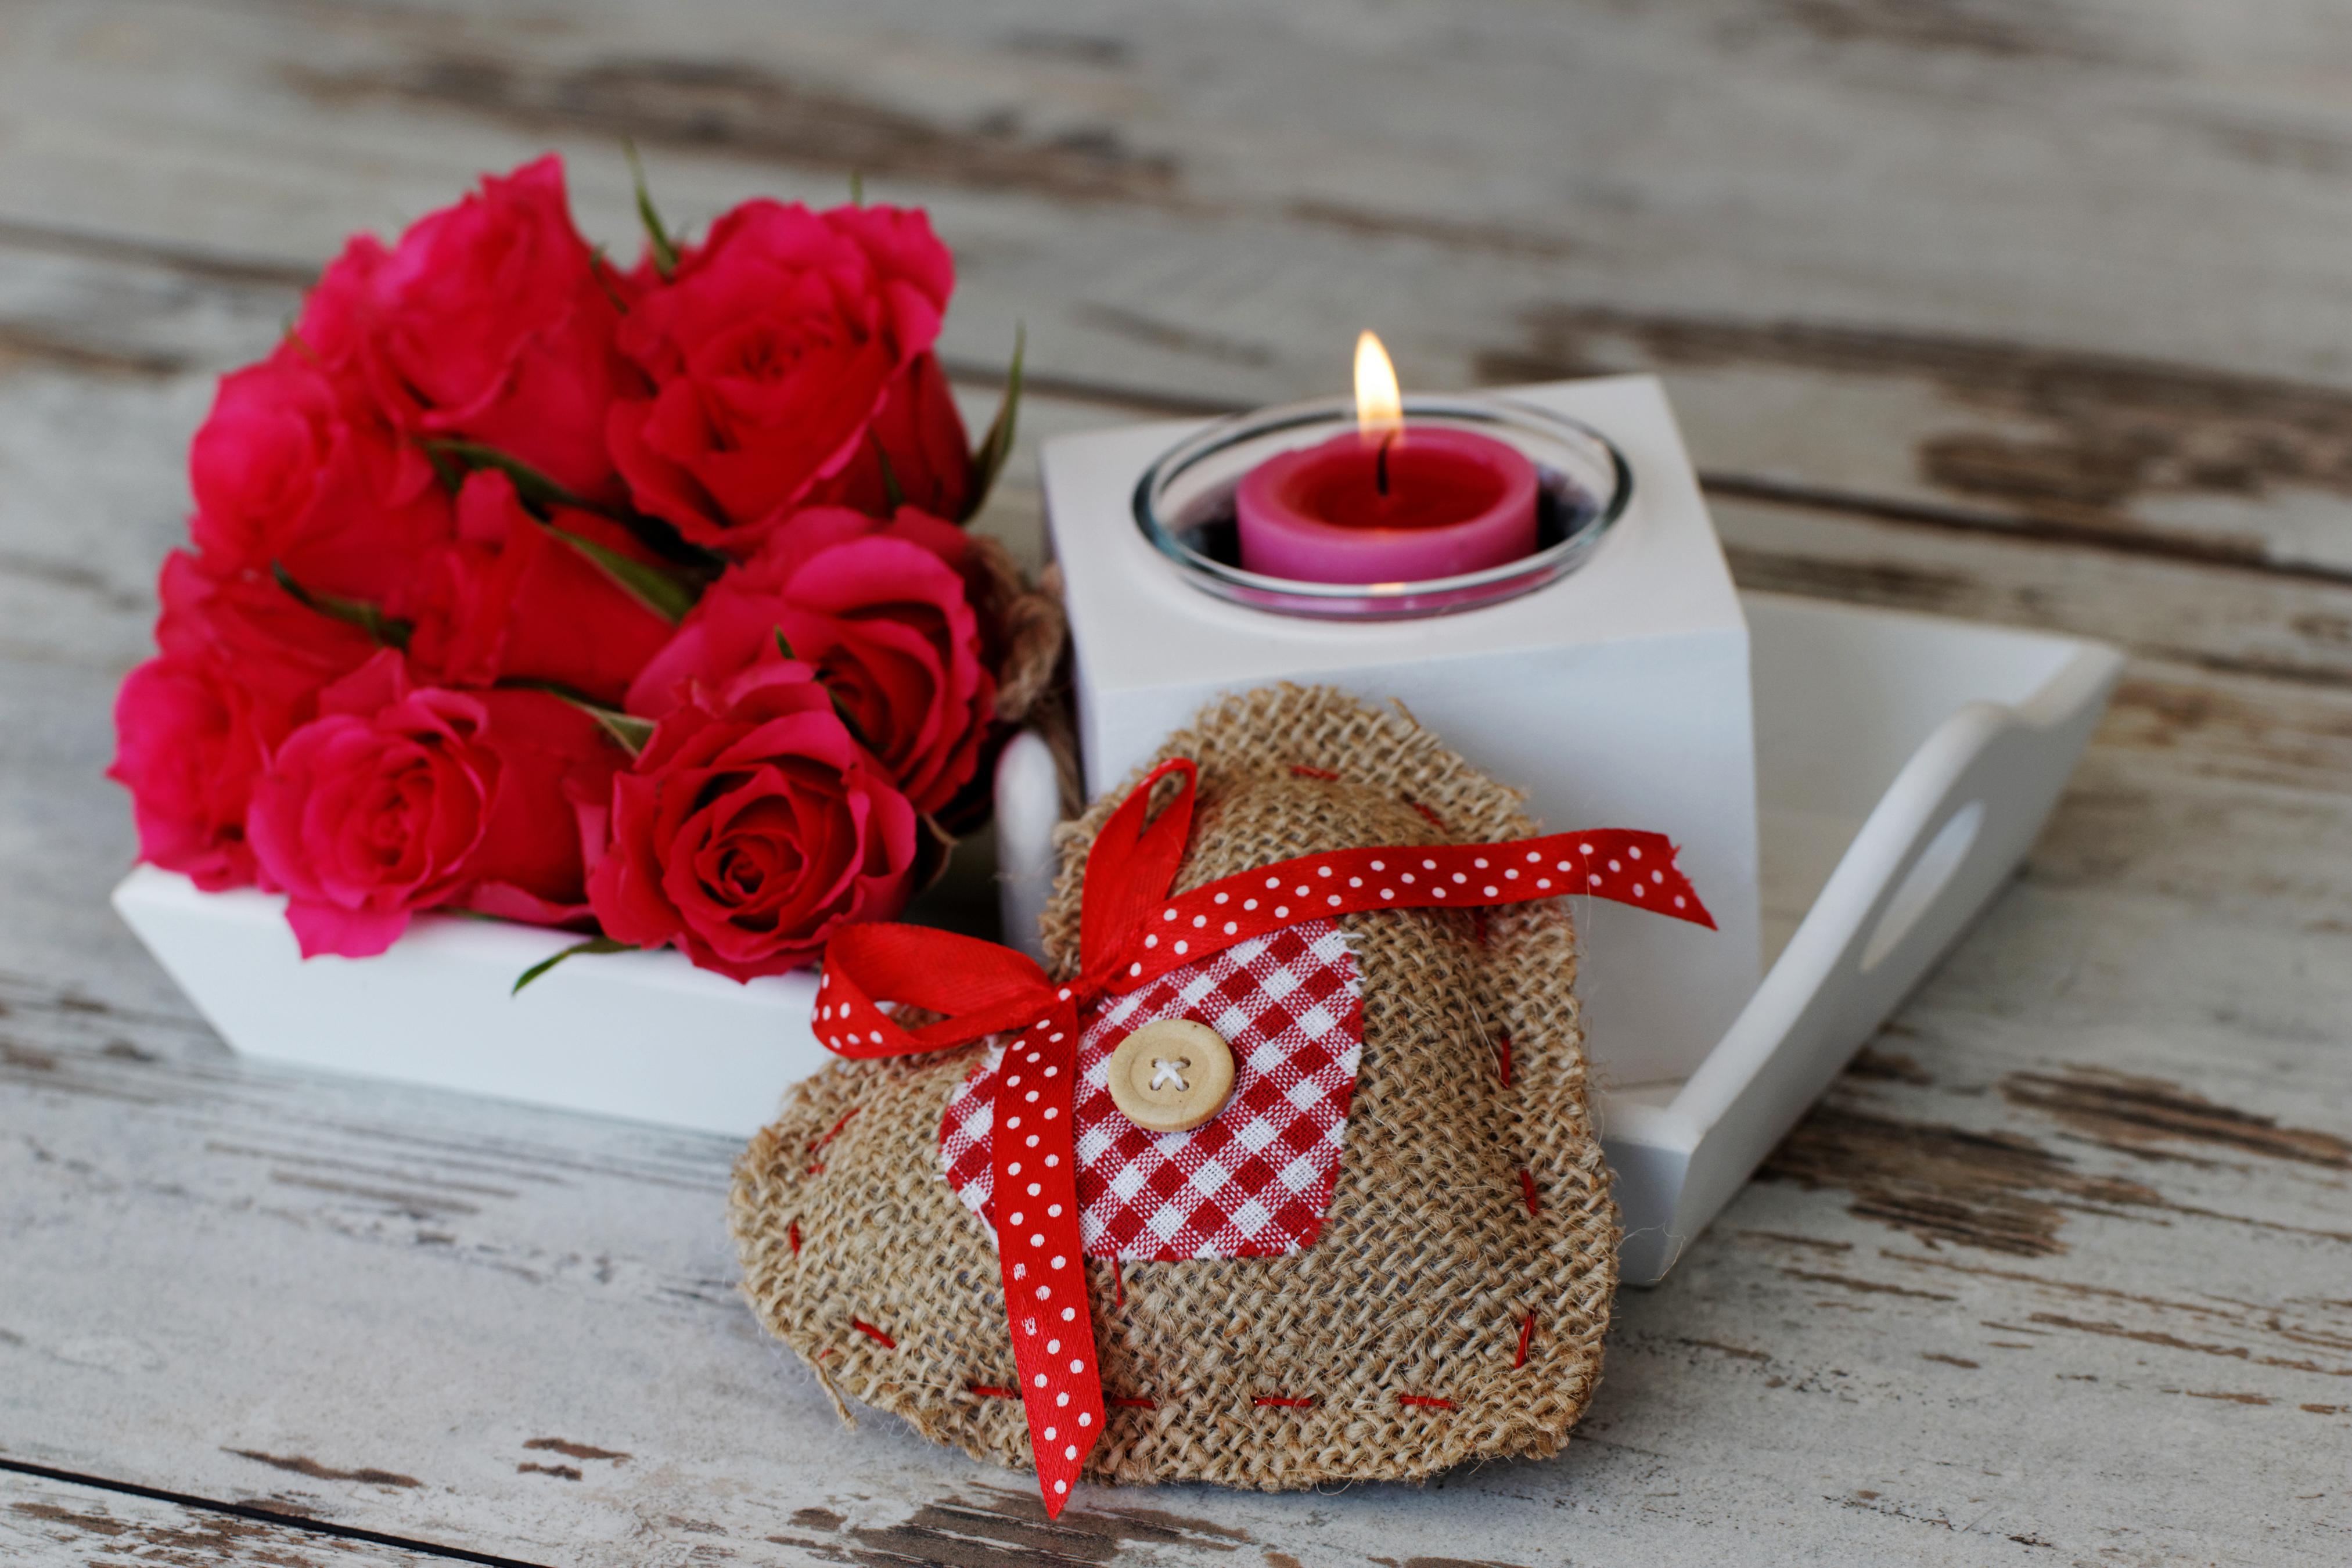 Обои для рабочего стола День святого Валентина сердечко букет Розы красная Свечи Бантик День всех влюблённых серце Сердце сердца Букеты роза Красный красные красных бант бантики